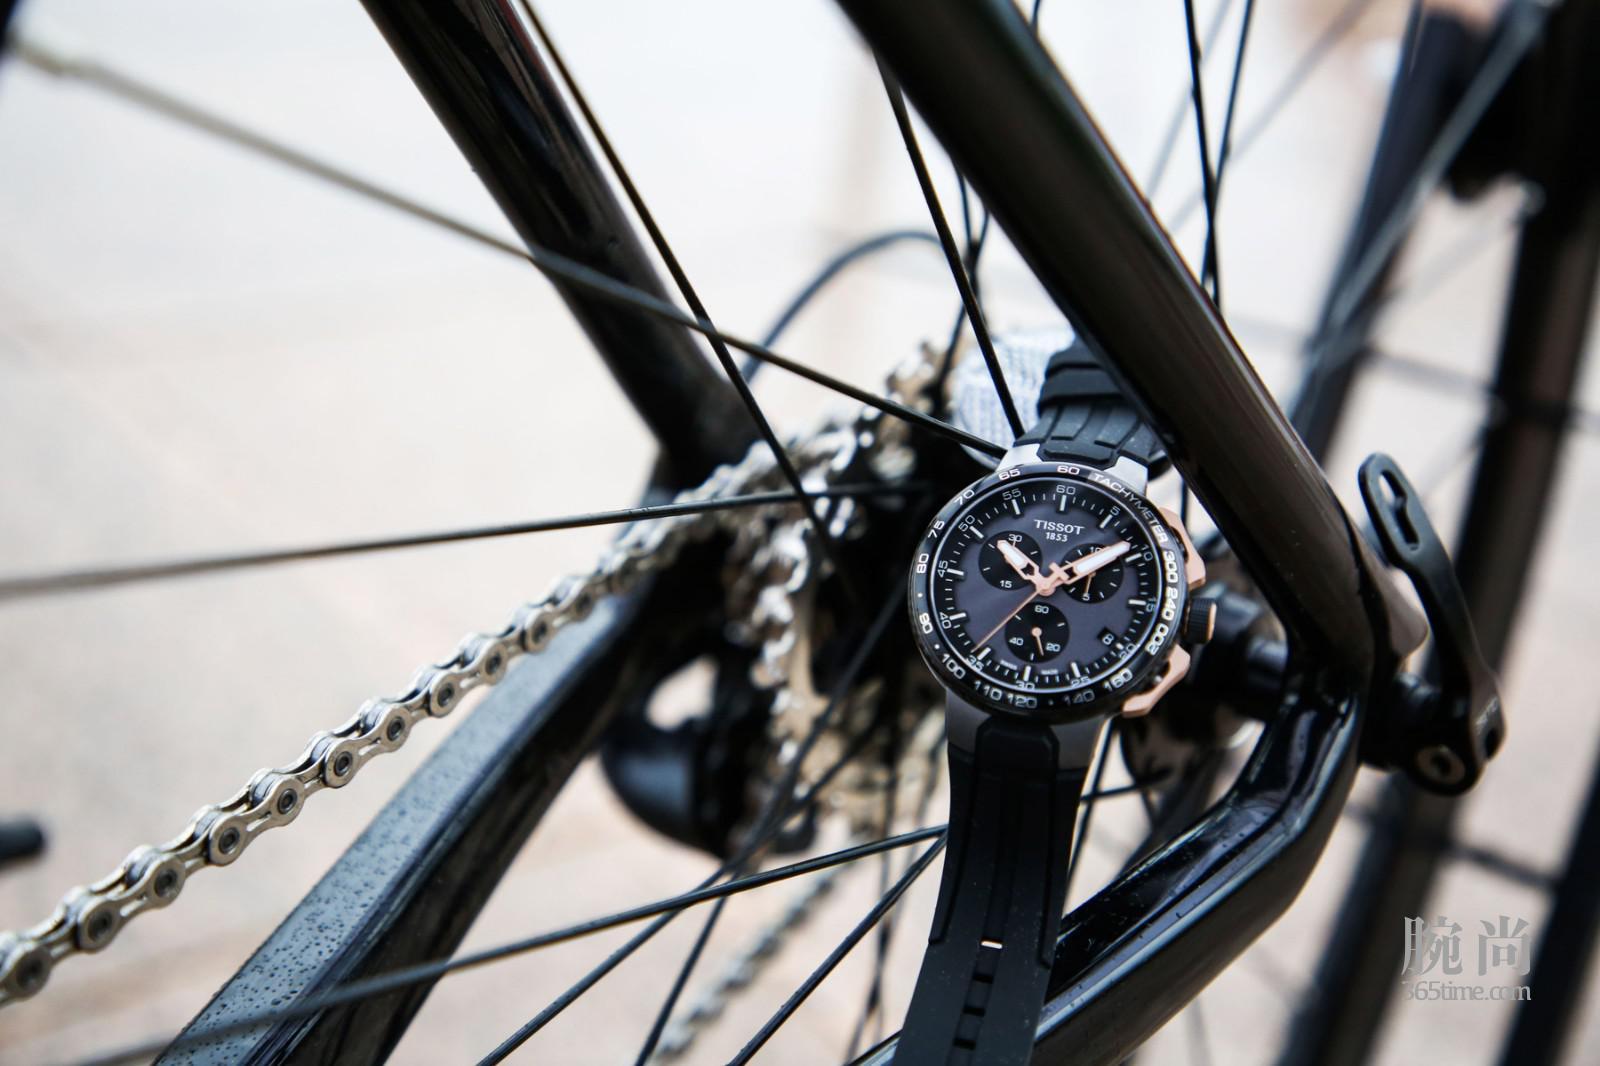 图1:天梭竞速系列自行车特别款腕表.jpg